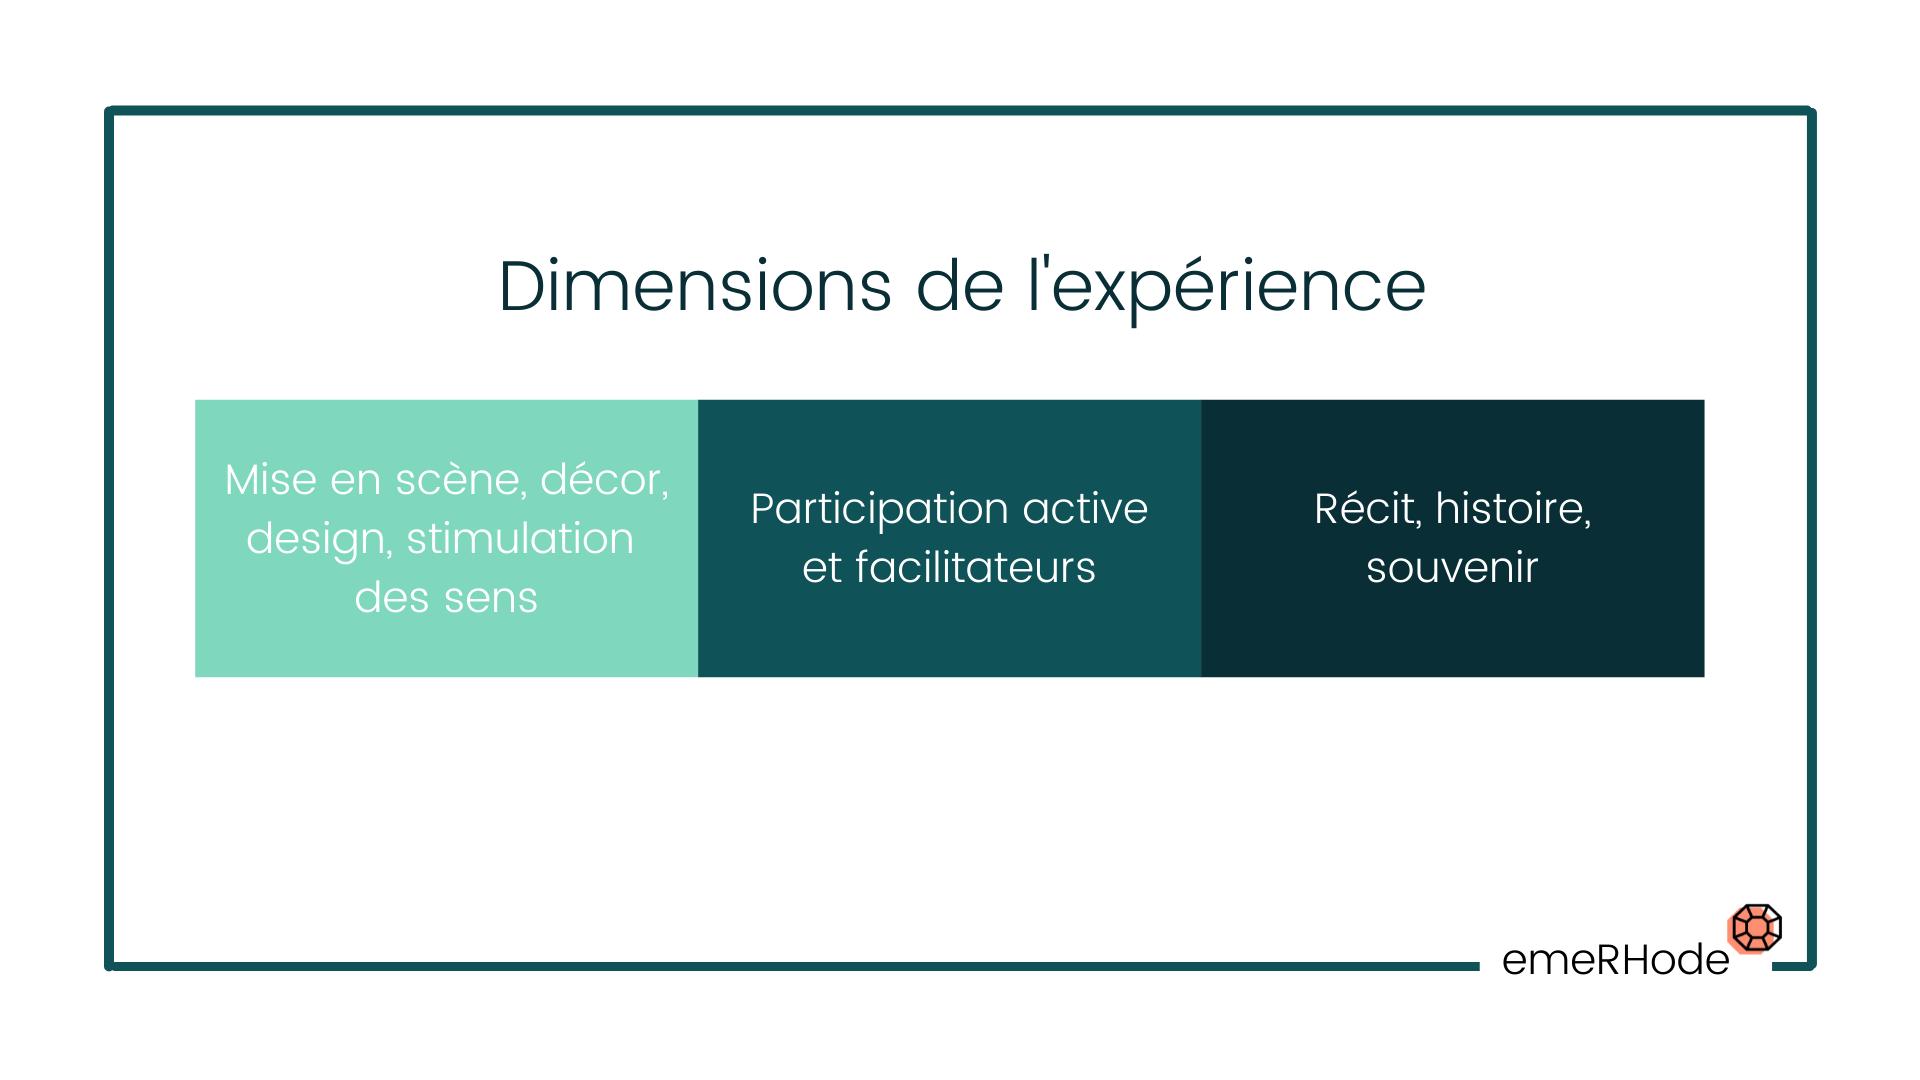 Dimension de l'expérience